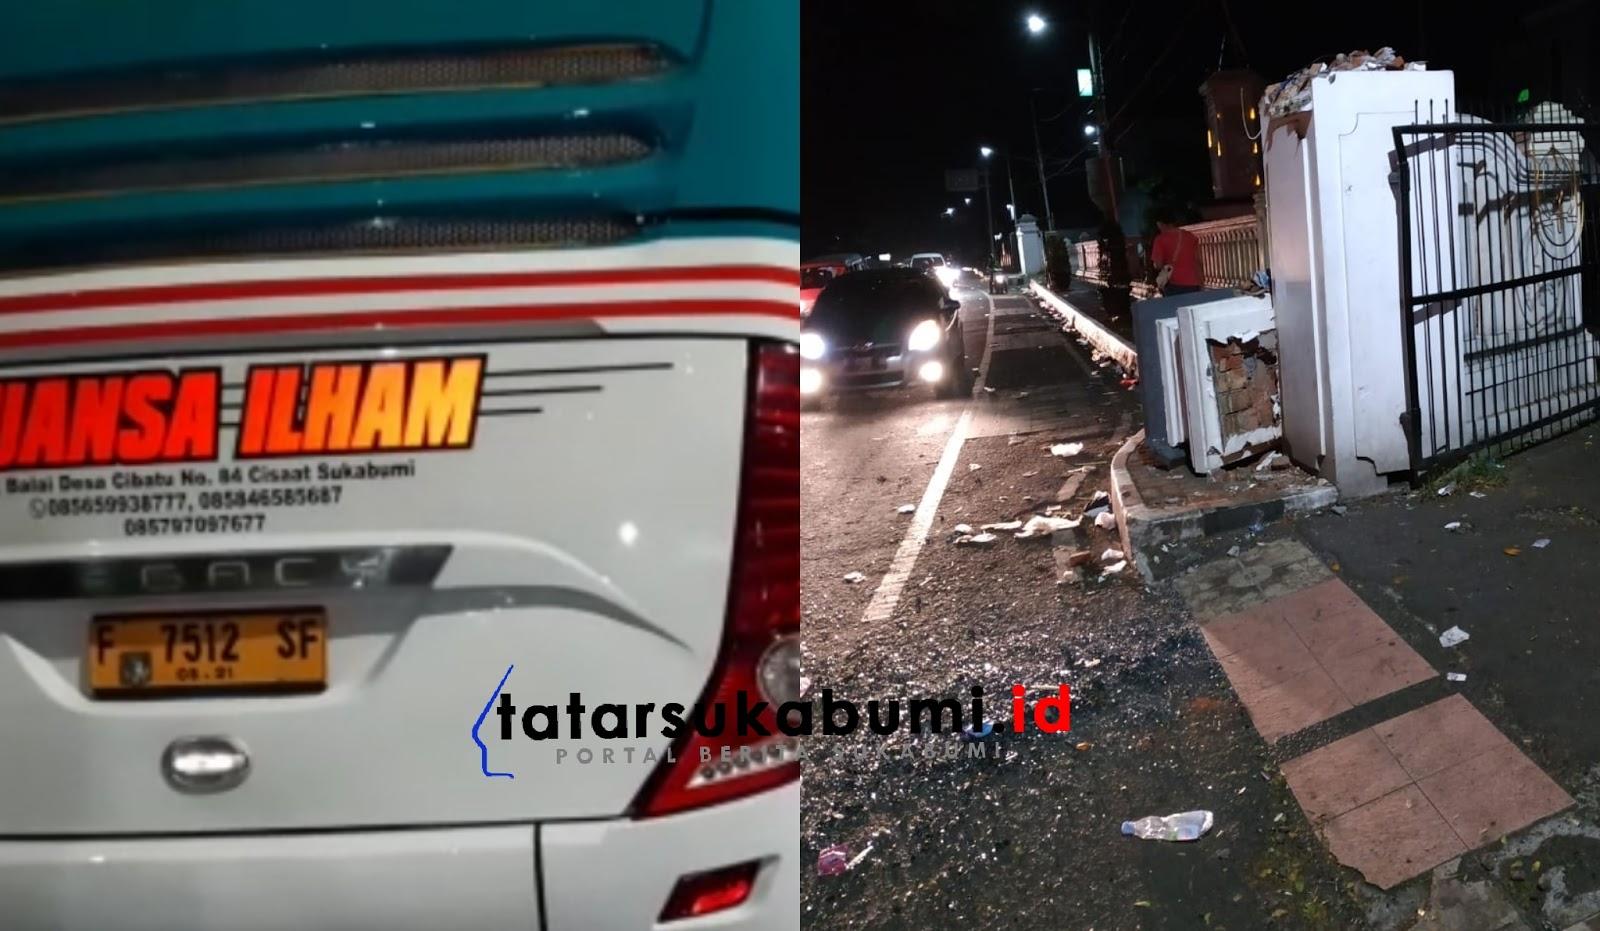 1 Tewas 4 Luka Dalam Insiden Bus Pengantar Keloter Jemaah Haji Kota Sukabumi